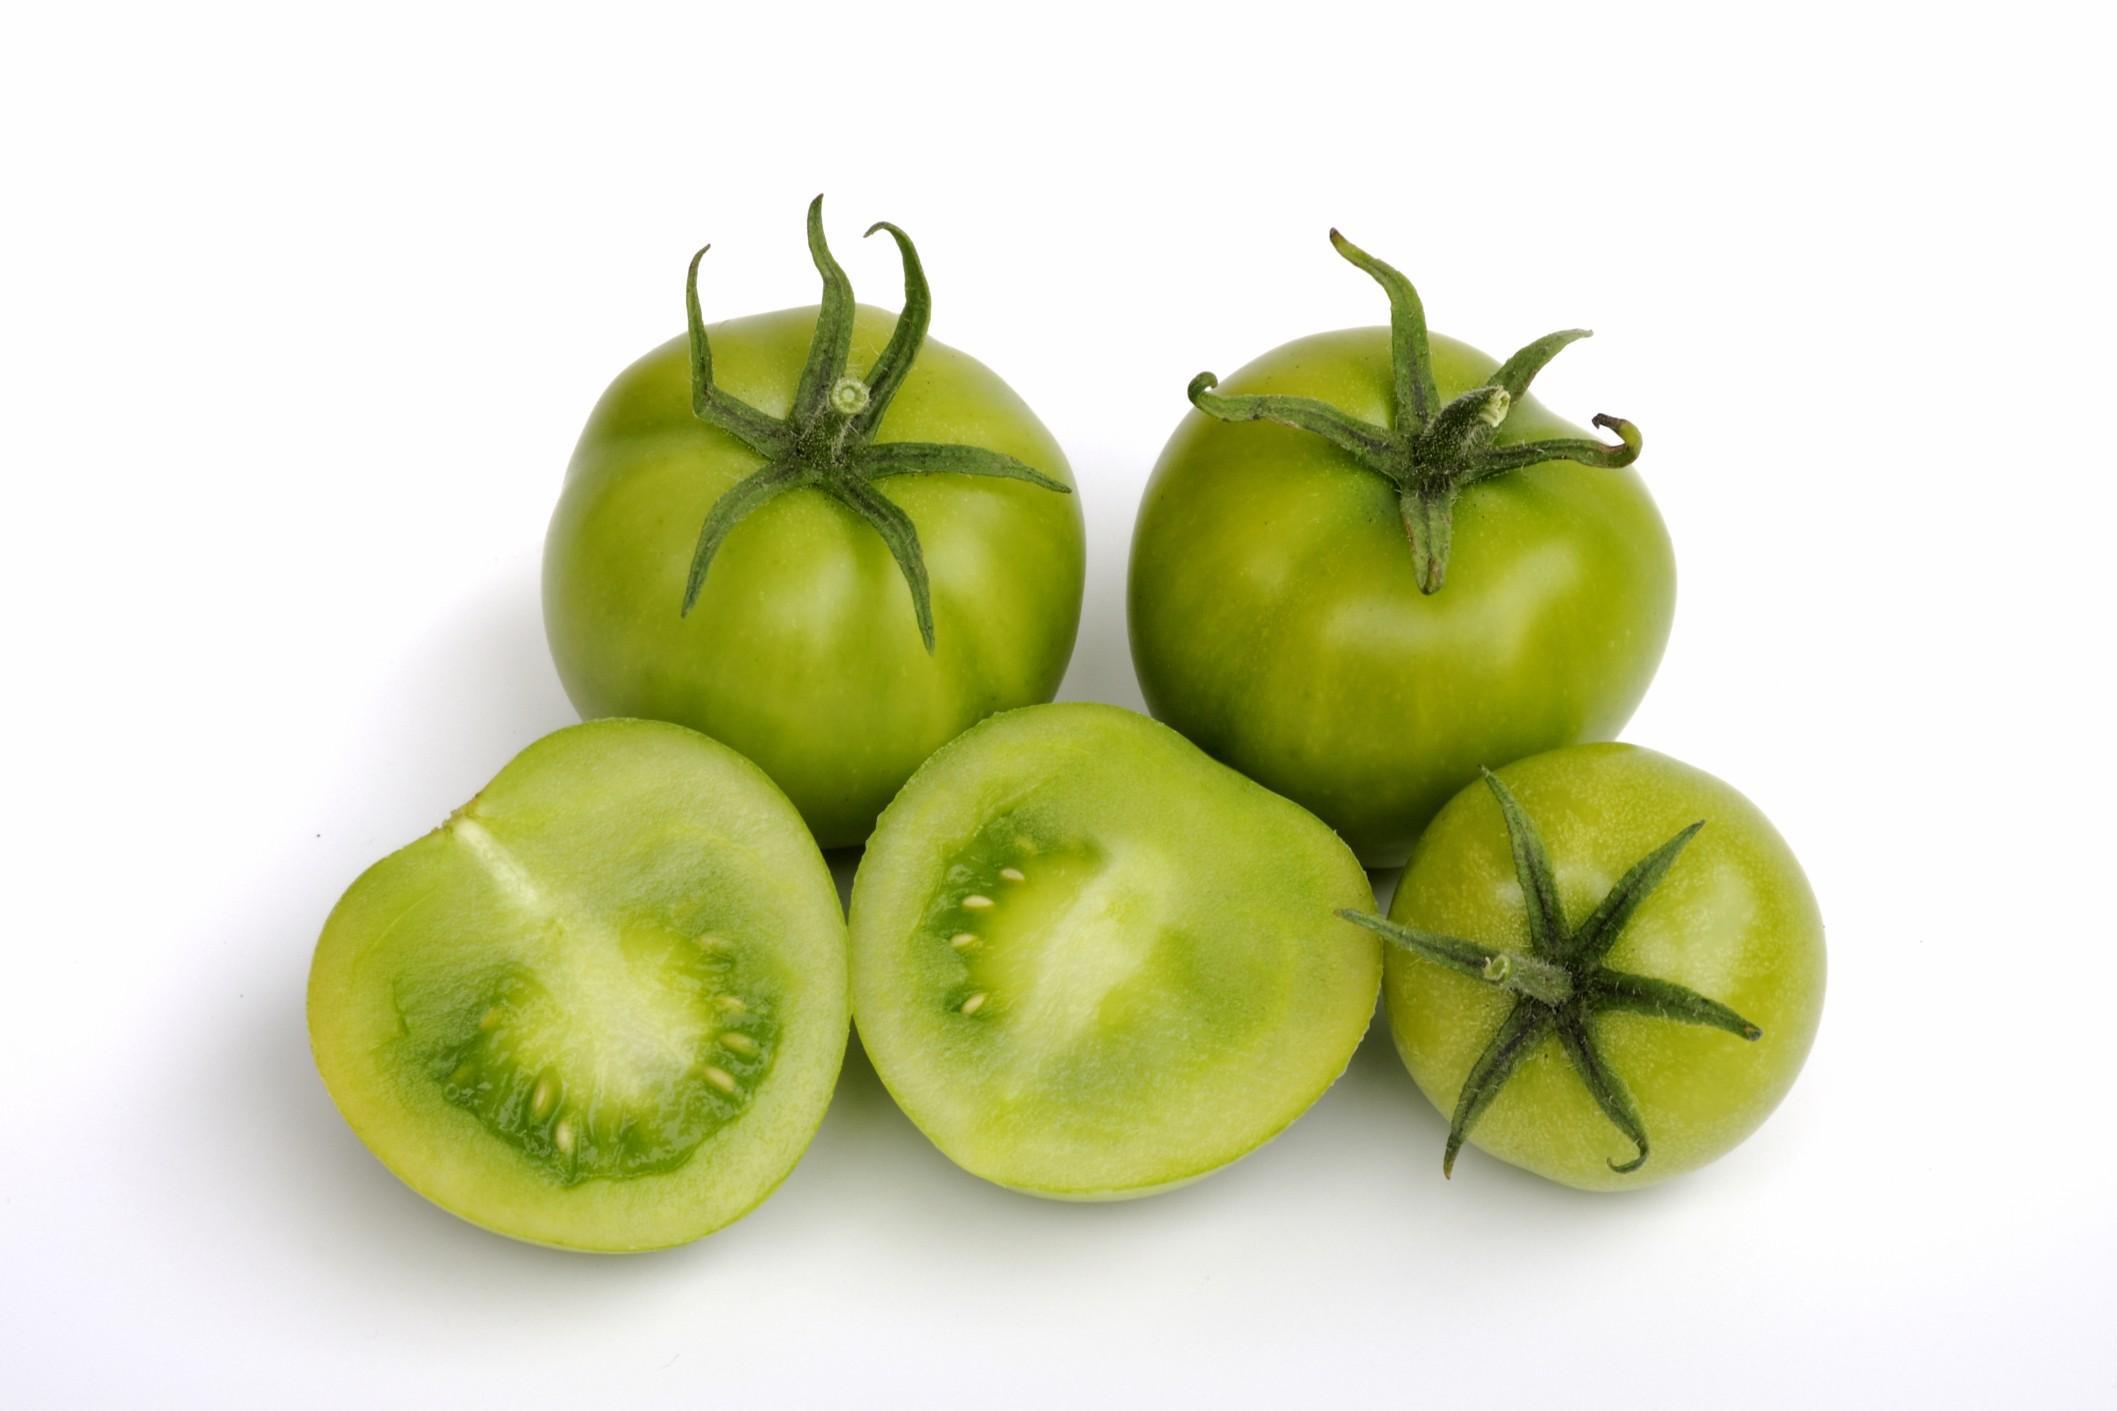 come far maturare i pomodori verdi